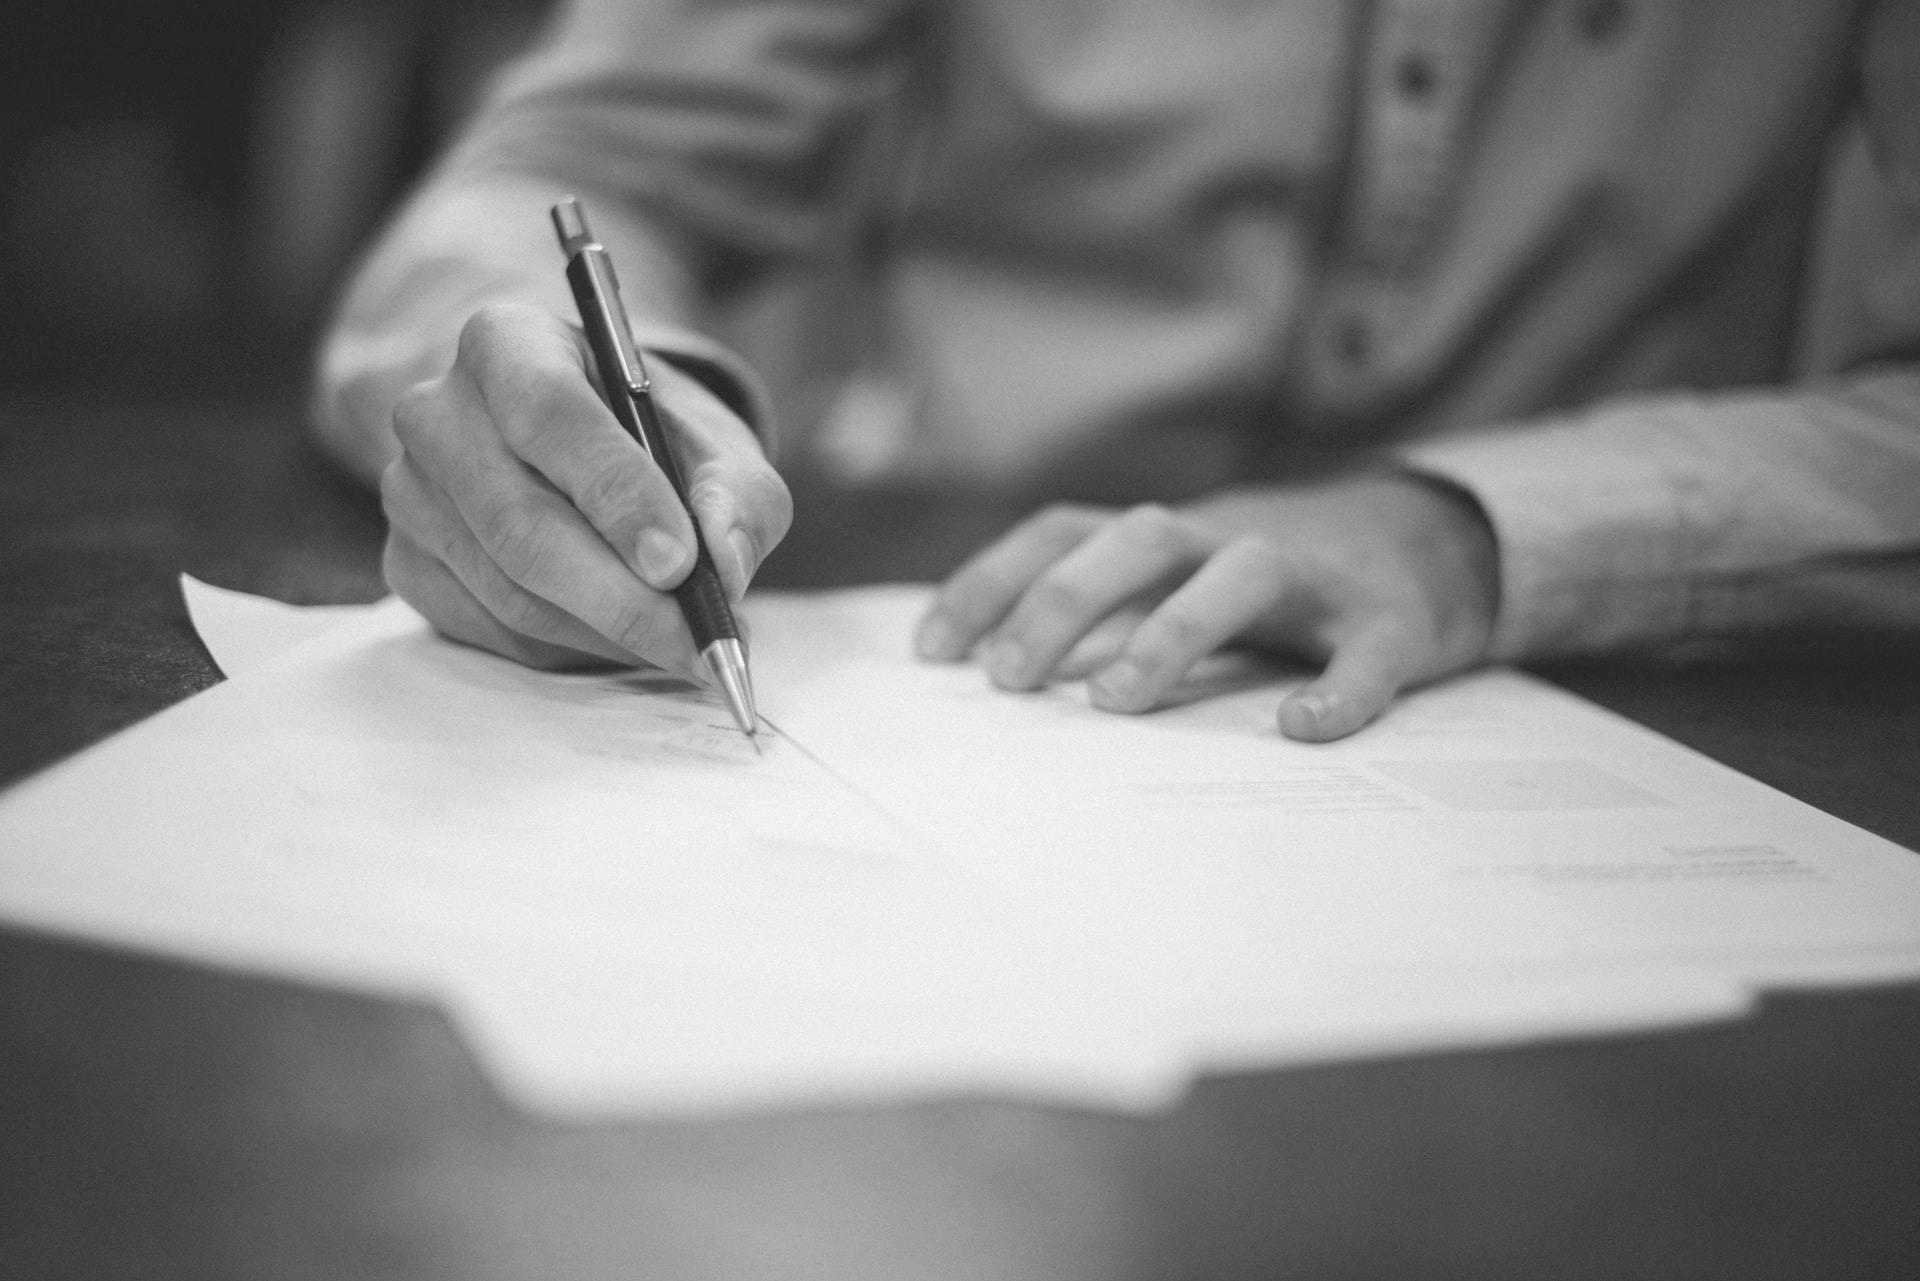 Advokat til fast ejendom underskriver vigtige dokumenter